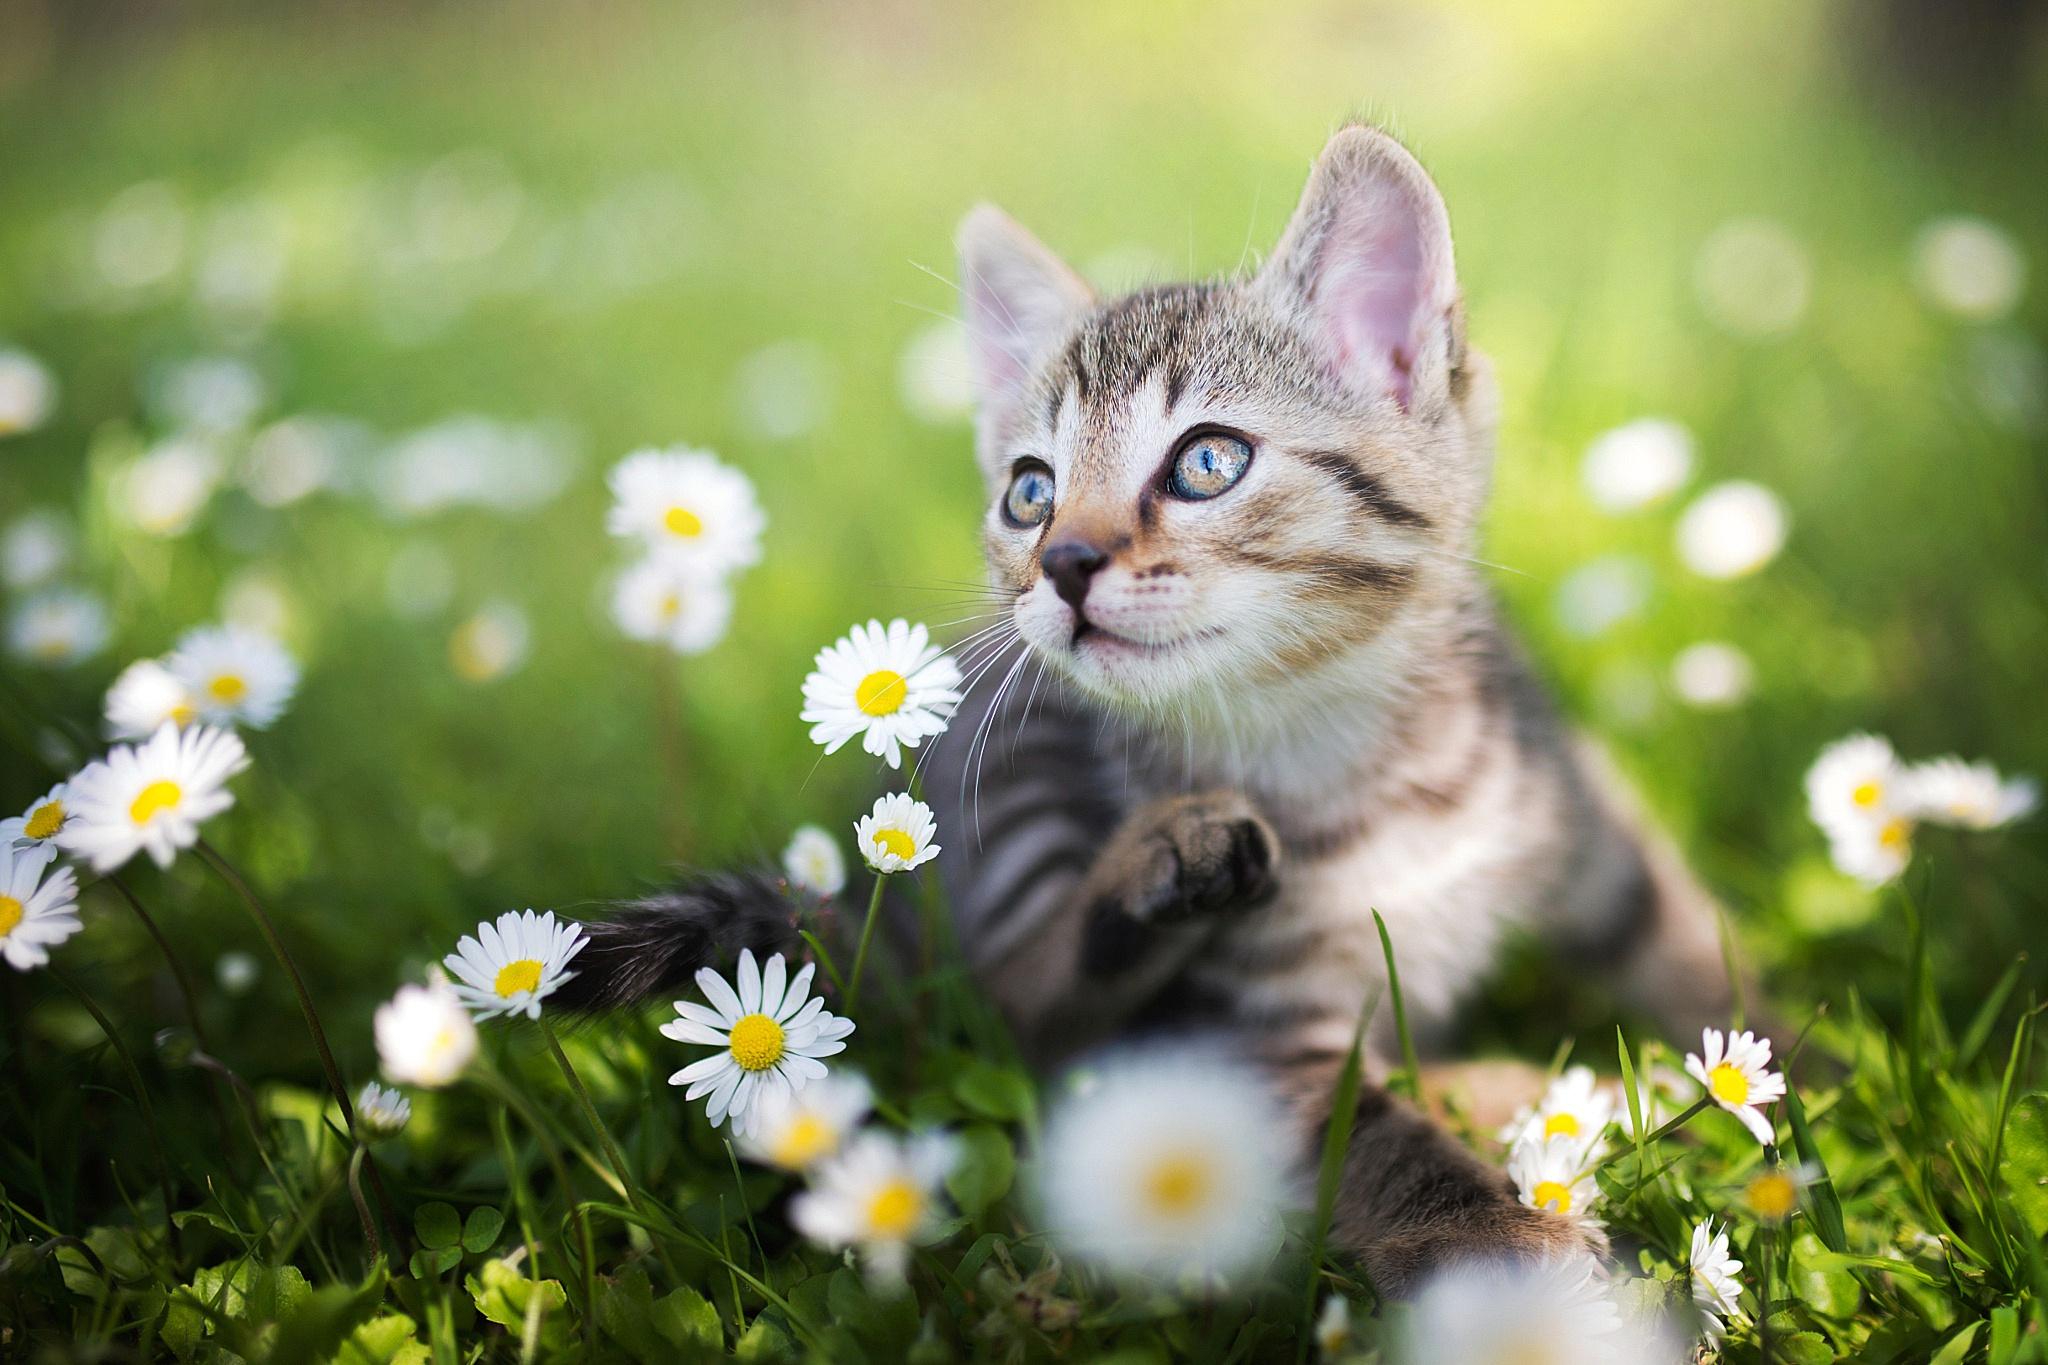 Котенок в мелкой траве  № 2954046 без смс